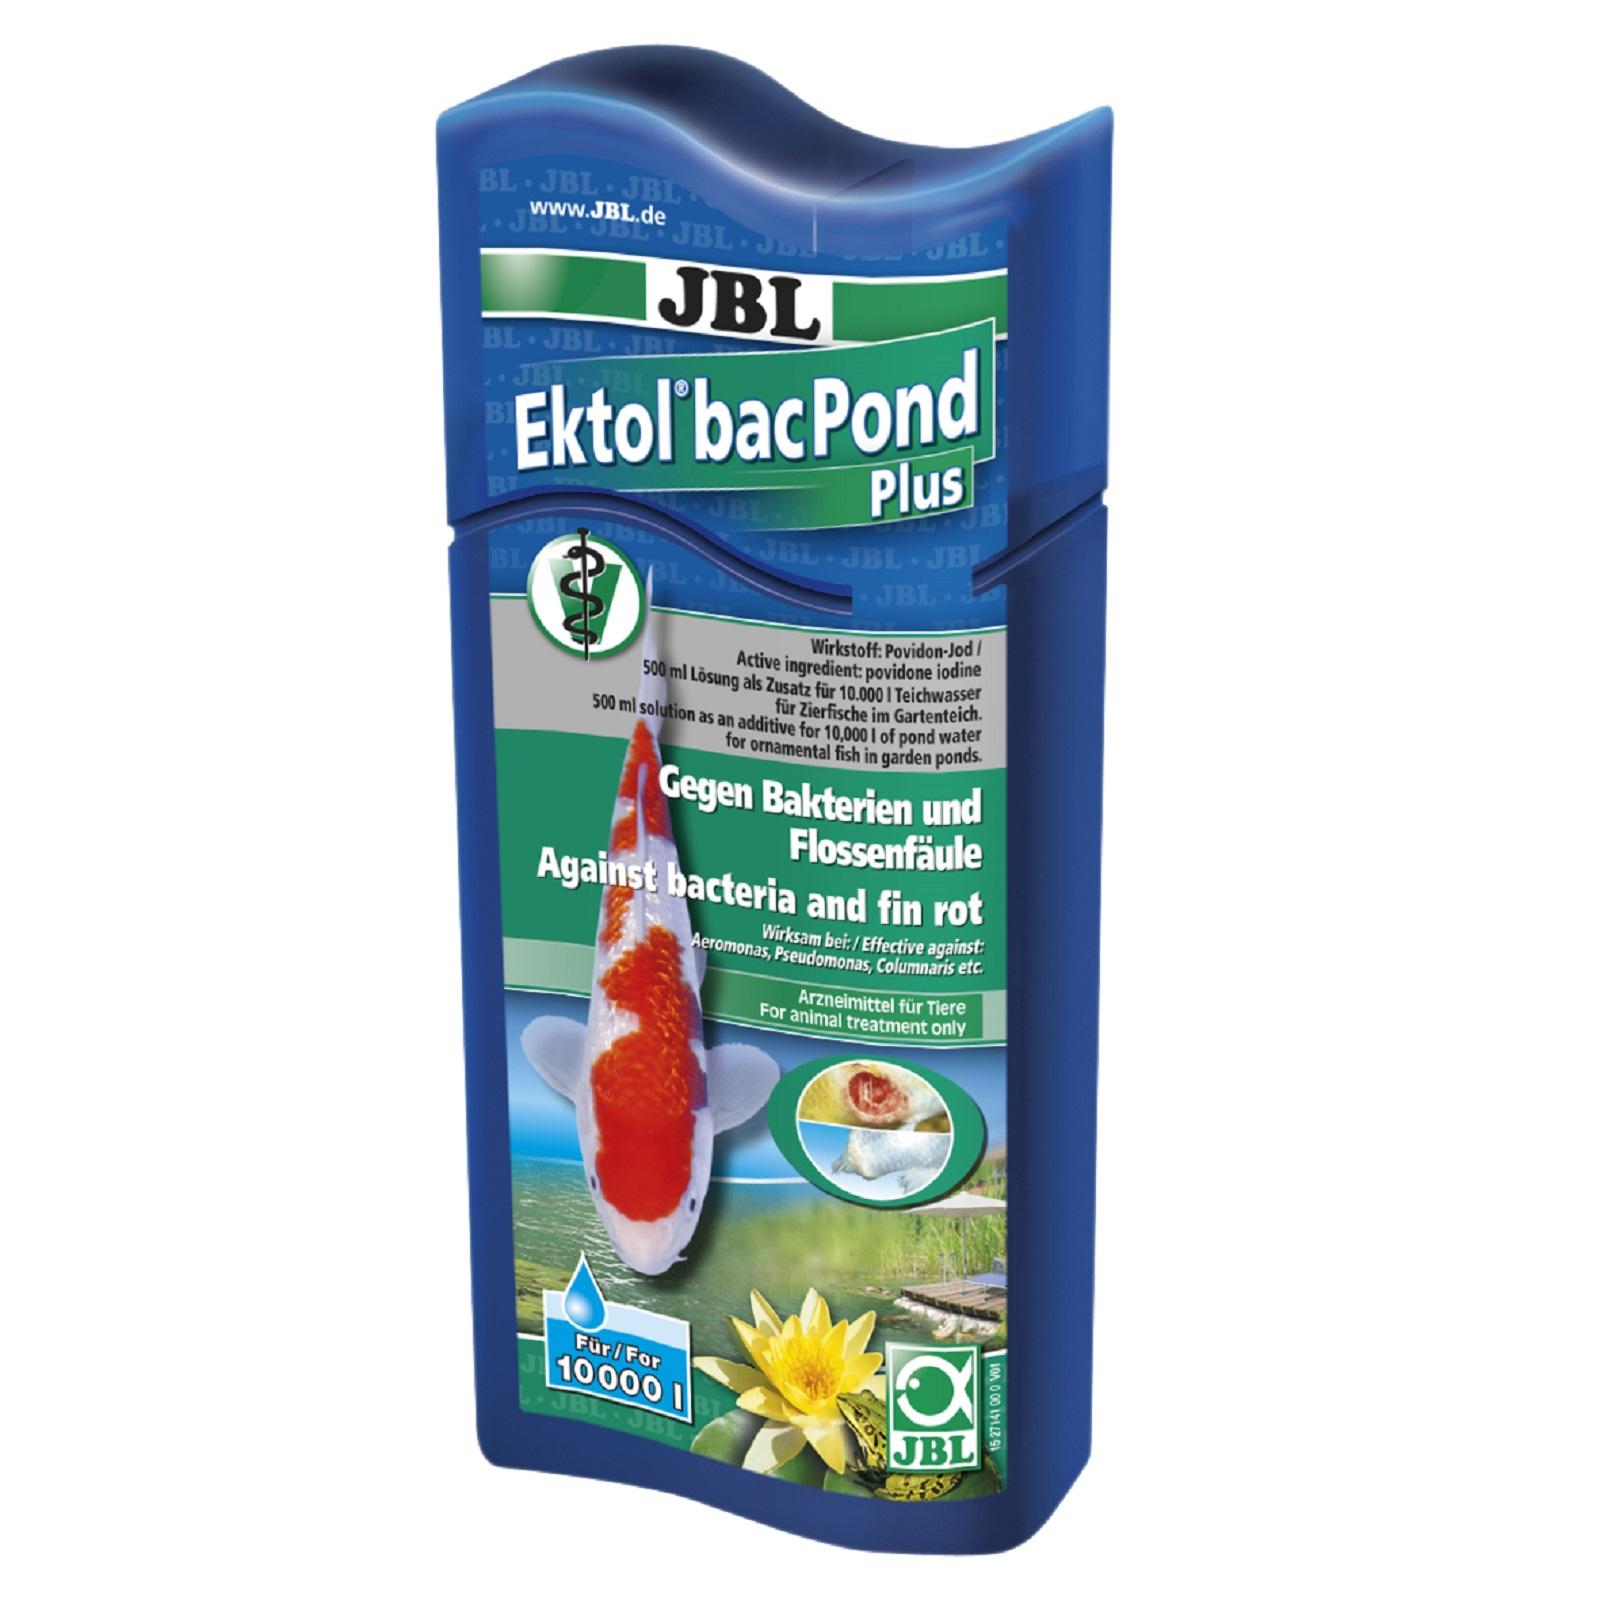 JBL Ektol bac Pond Plus  500 ml Arneimittel gegen bakterielle Erkrankung